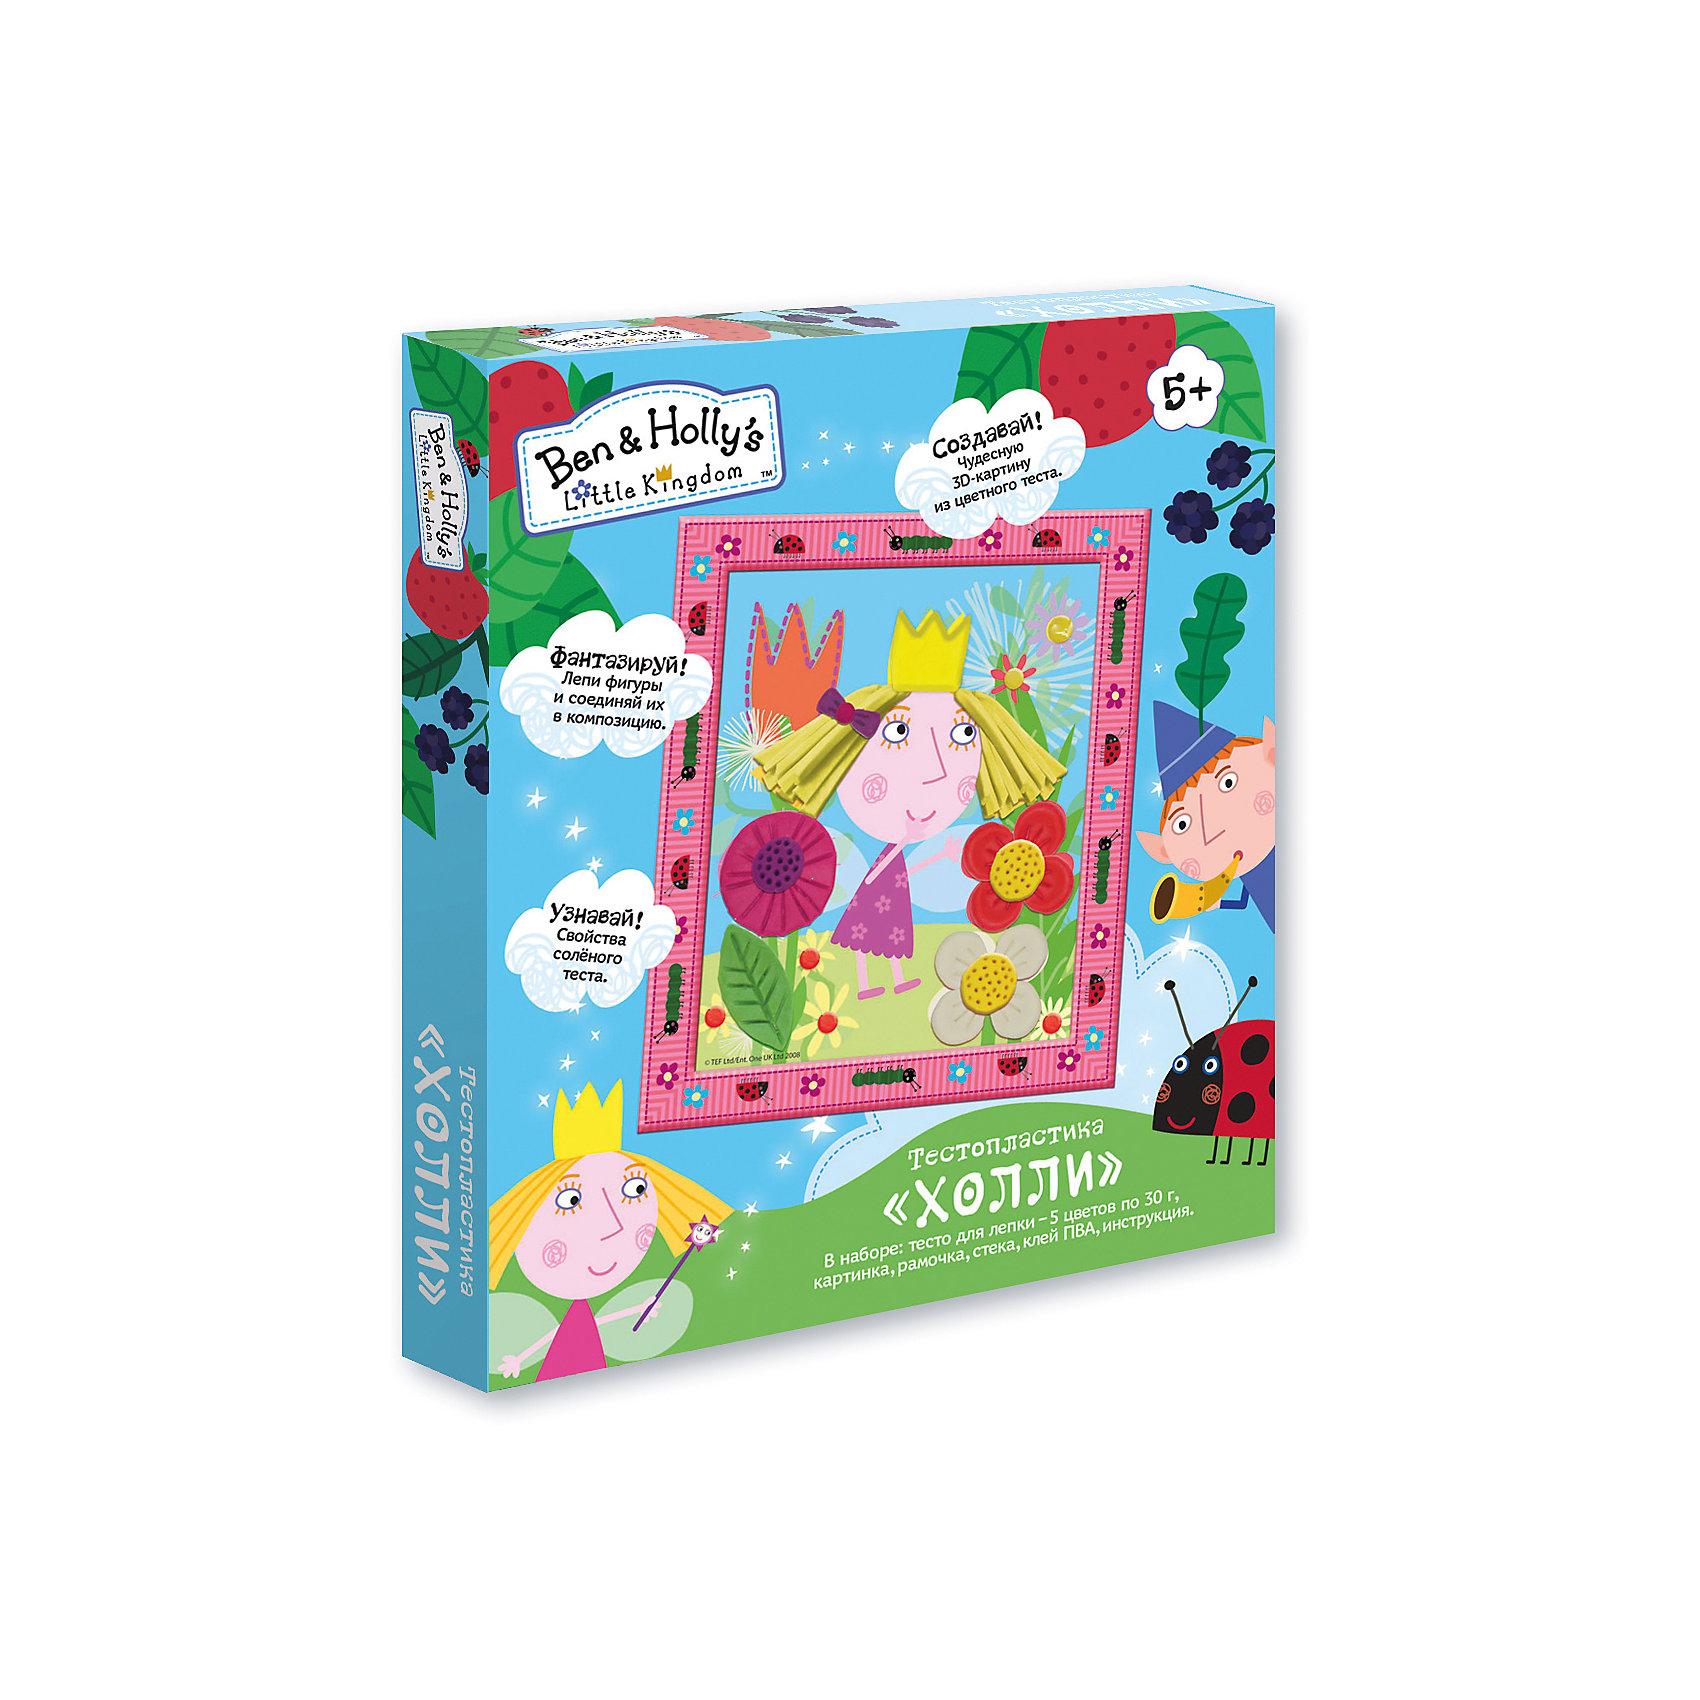 Тестопластика Холли, Бен и ХоллиЛепка<br>Характеристики товара:<br><br>- цвет: разноцветный;<br>- комплектация: пять цветов теста для лепки по 30 грамм, стек, клей ПВА, карточка, рамка, инструкция в картинках;<br>- срок годности: три года;<br>- размер упаковки: 22 х 19 х 3 см;<br>- упаковка: коробка;<br>- возраст от: 5 лет.<br><br>Этот набор станет отличным подарком для ребенка. Он помогает развить художественные навыки и интересно провести время. В нем есть разноцветное тесто и стек, с помощью которого можно сделать детали для картинки, высушить их и наклеить на карточку. В итоге - яркая объемная картинка!<br>Лепка даже в юном возрасте помогает ребенку развивать зрительную память, концентрацию внимания, мелкую моторику и цветовосприятие. Издание произведено из качественных материалов, которые безопасны даже для самых маленьких.<br><br>Тестопластику Холли, Бен и Холли, от компании Росмэн можно купить в нашем интернет-магазине.<br><br>Ширина мм: 220<br>Глубина мм: 190<br>Высота мм: 30<br>Вес г: 280<br>Возраст от месяцев: 60<br>Возраст до месяцев: 84<br>Пол: Унисекс<br>Возраст: Детский<br>SKU: 5109792